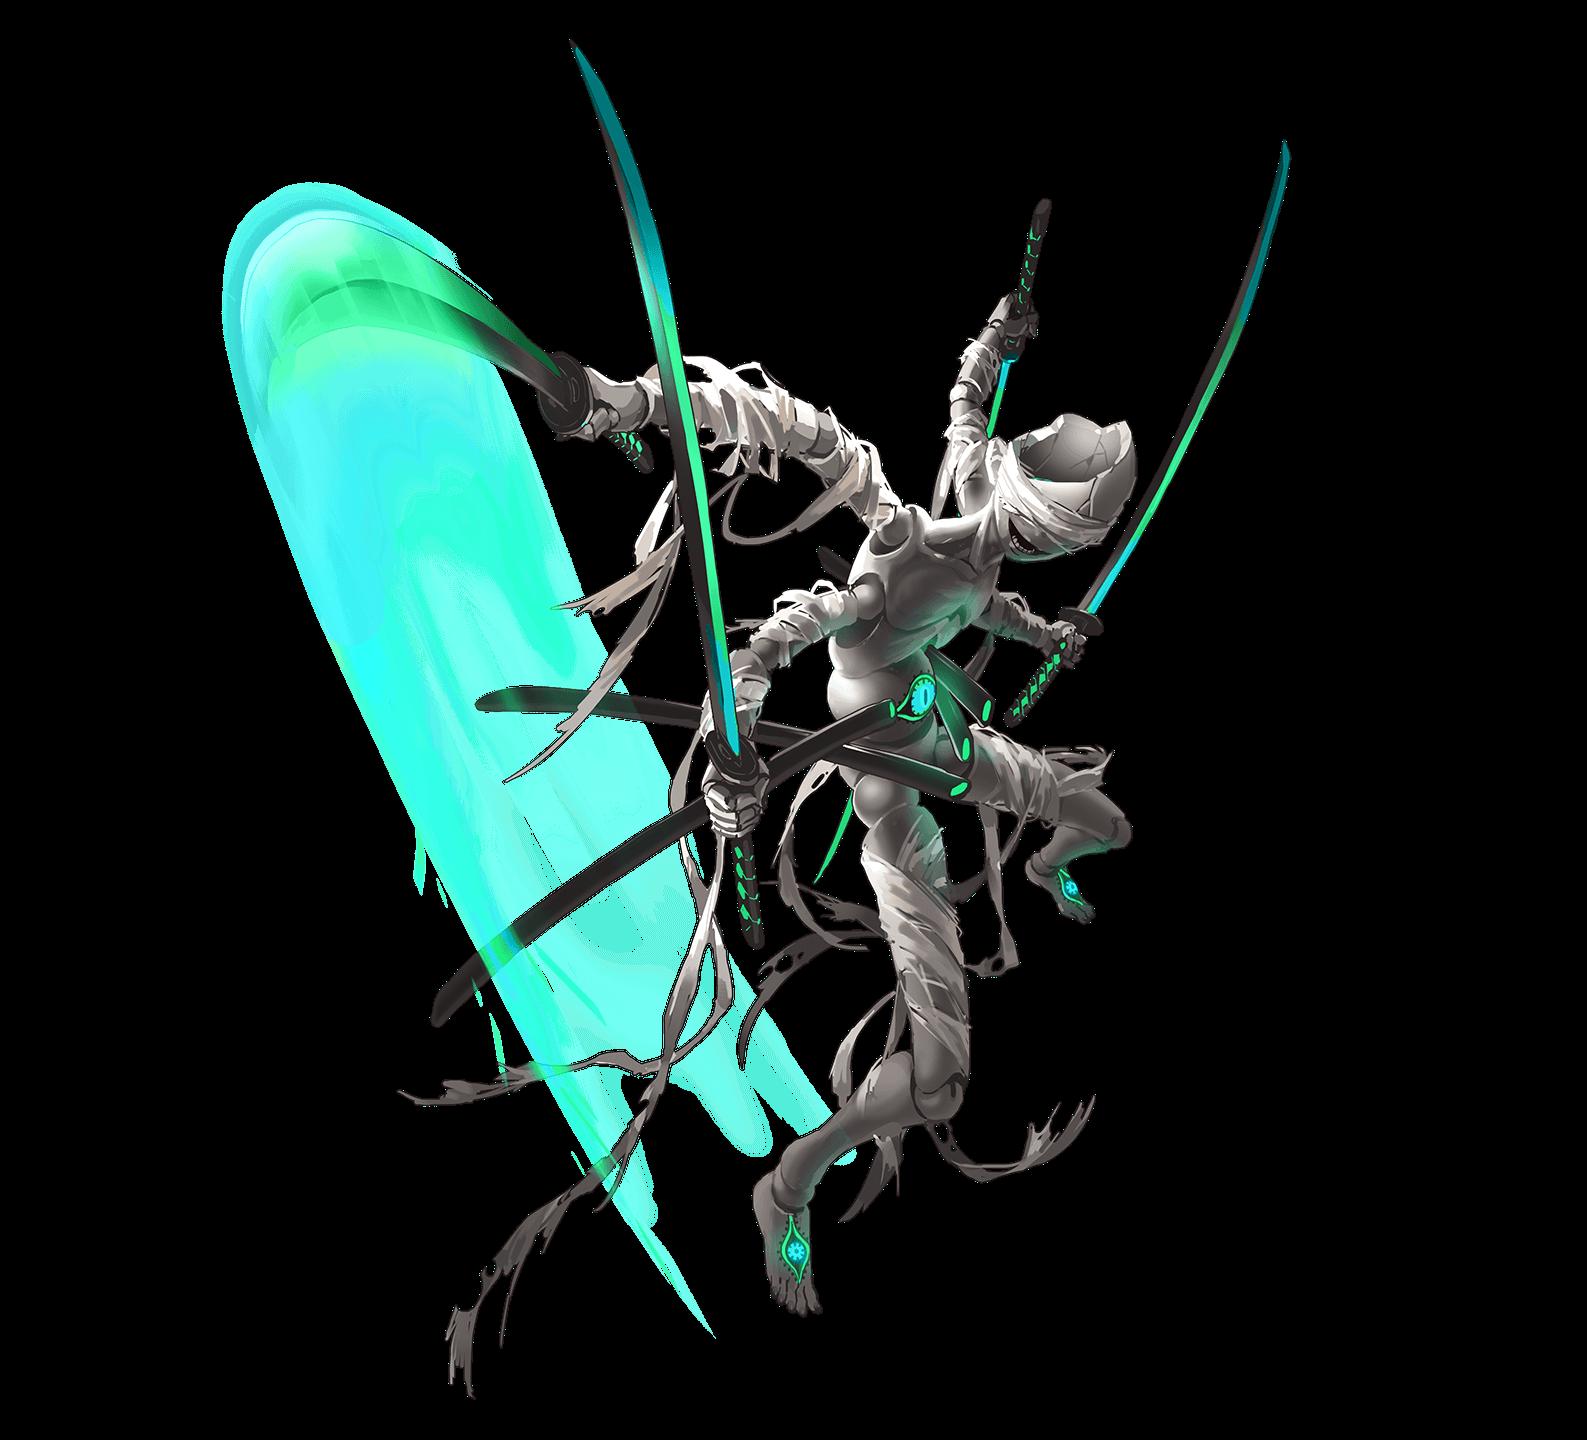 太刀傀儡(风)立绘2.png